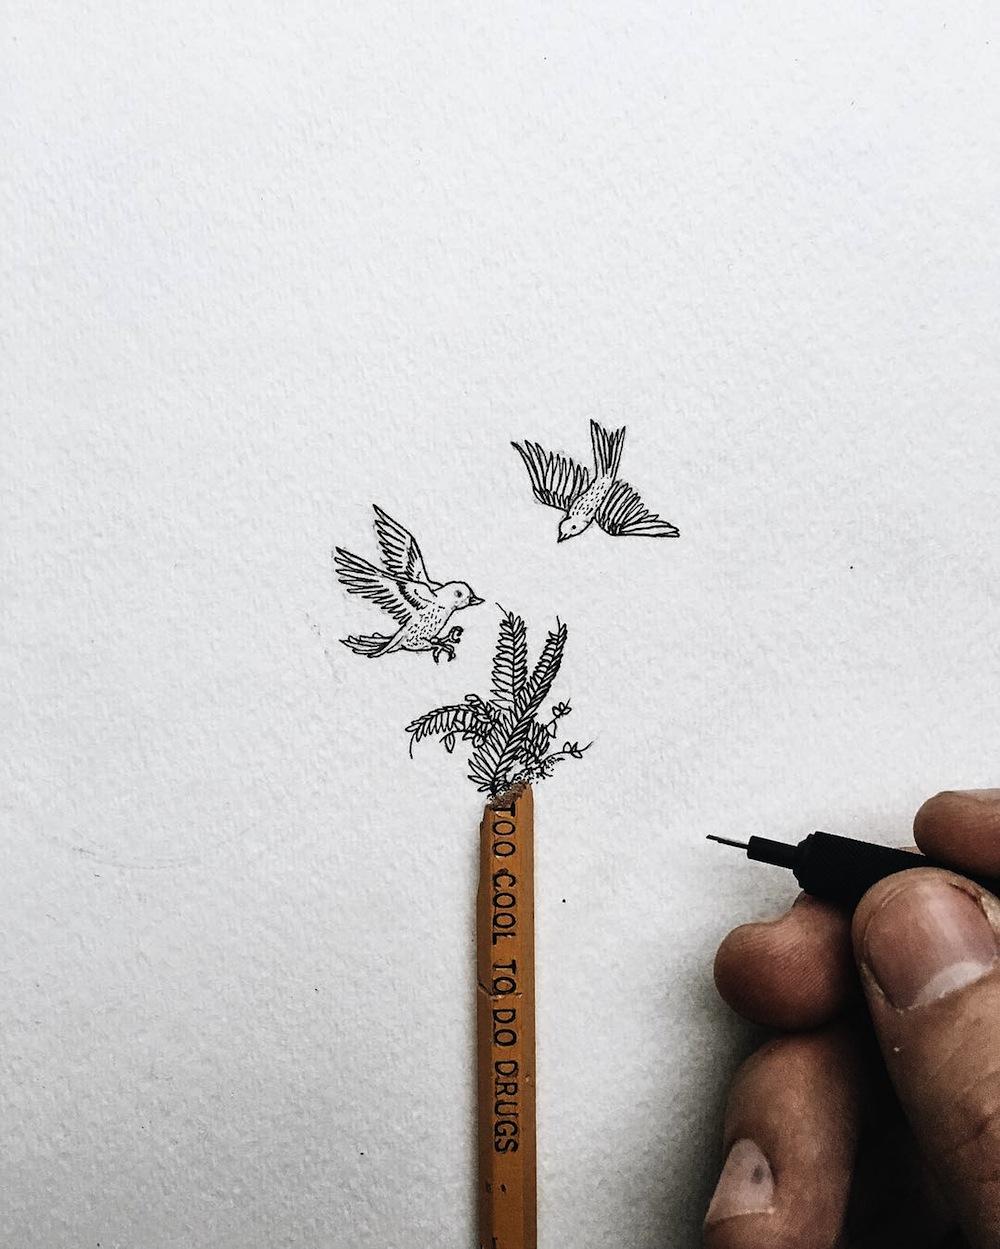 disegni-miniatura-inchiostro-christian-watson-04